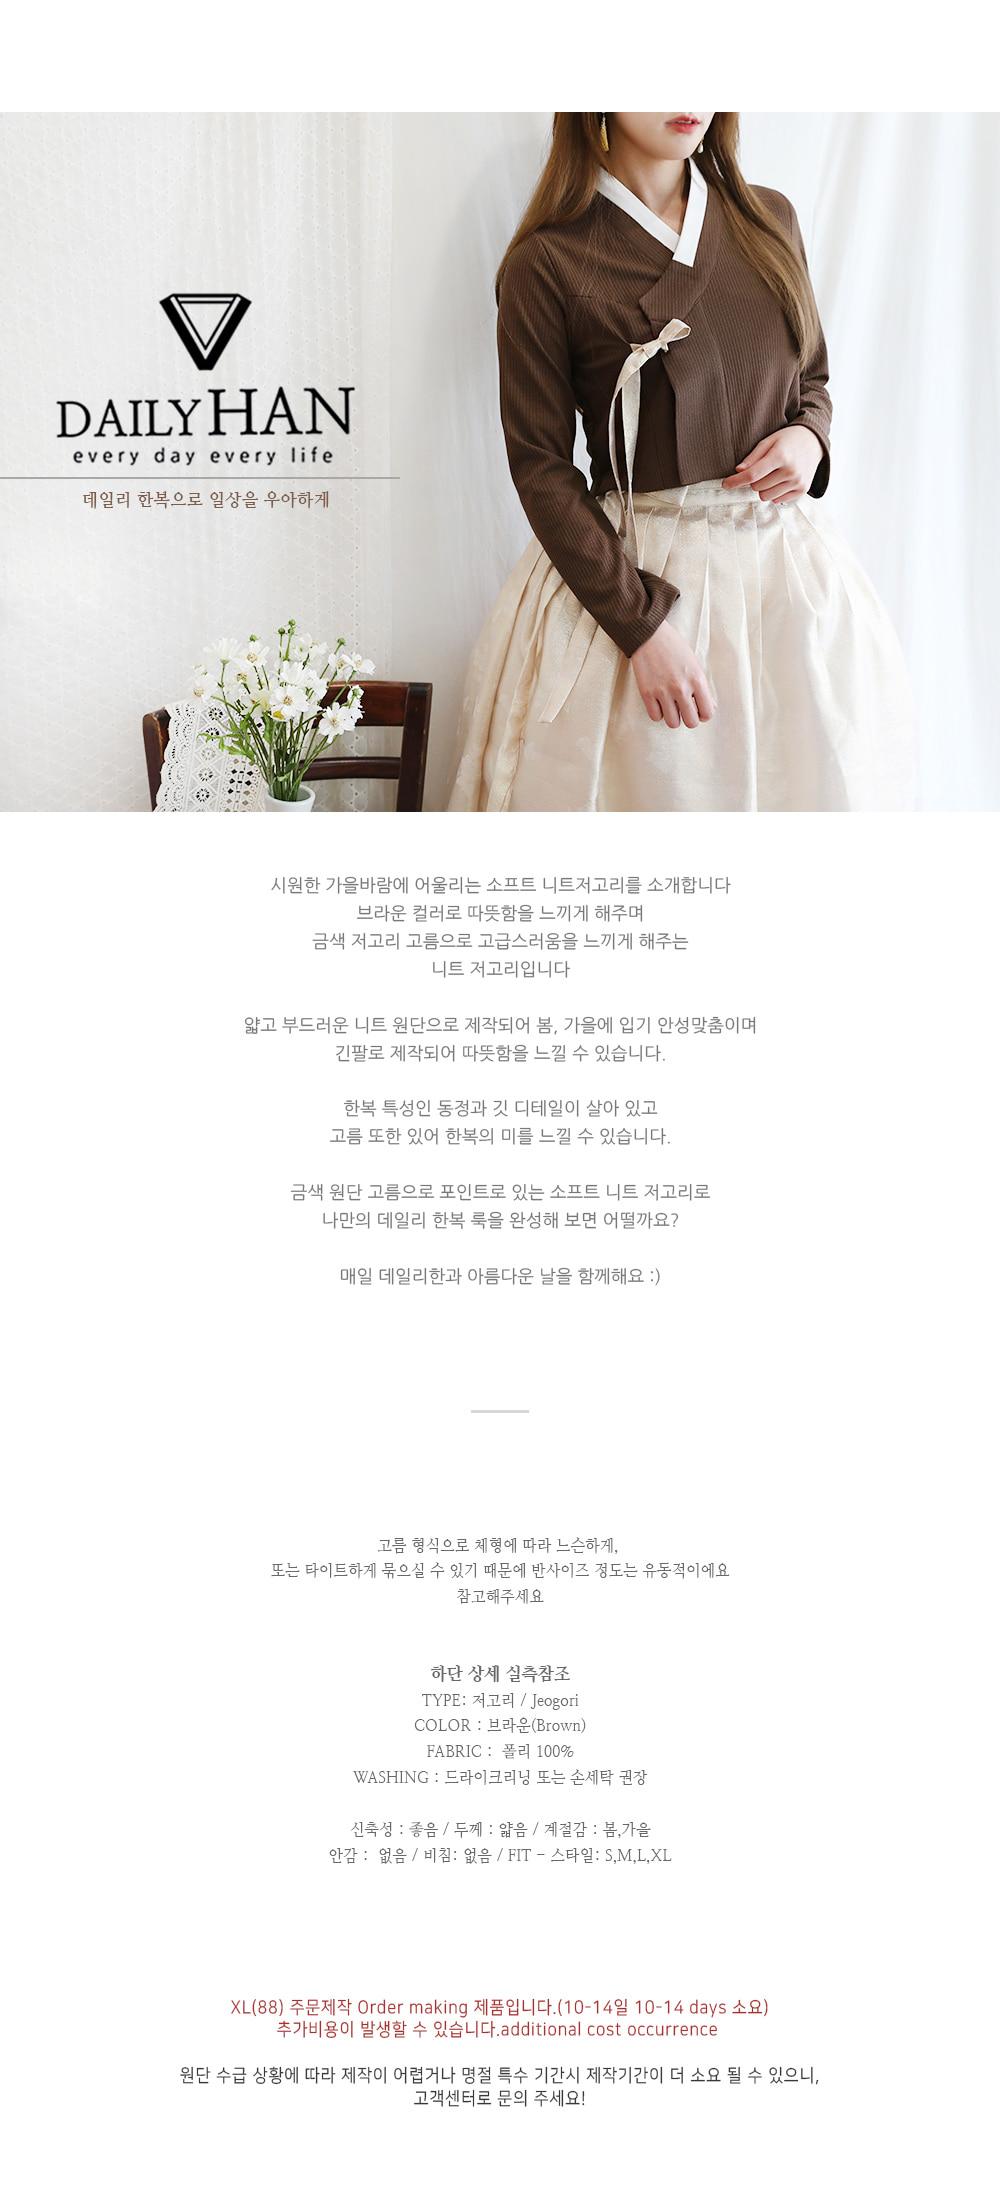 소프트 니트저고리(브라운) - 데일리한, 62,000원, 생활한복, 여성한복